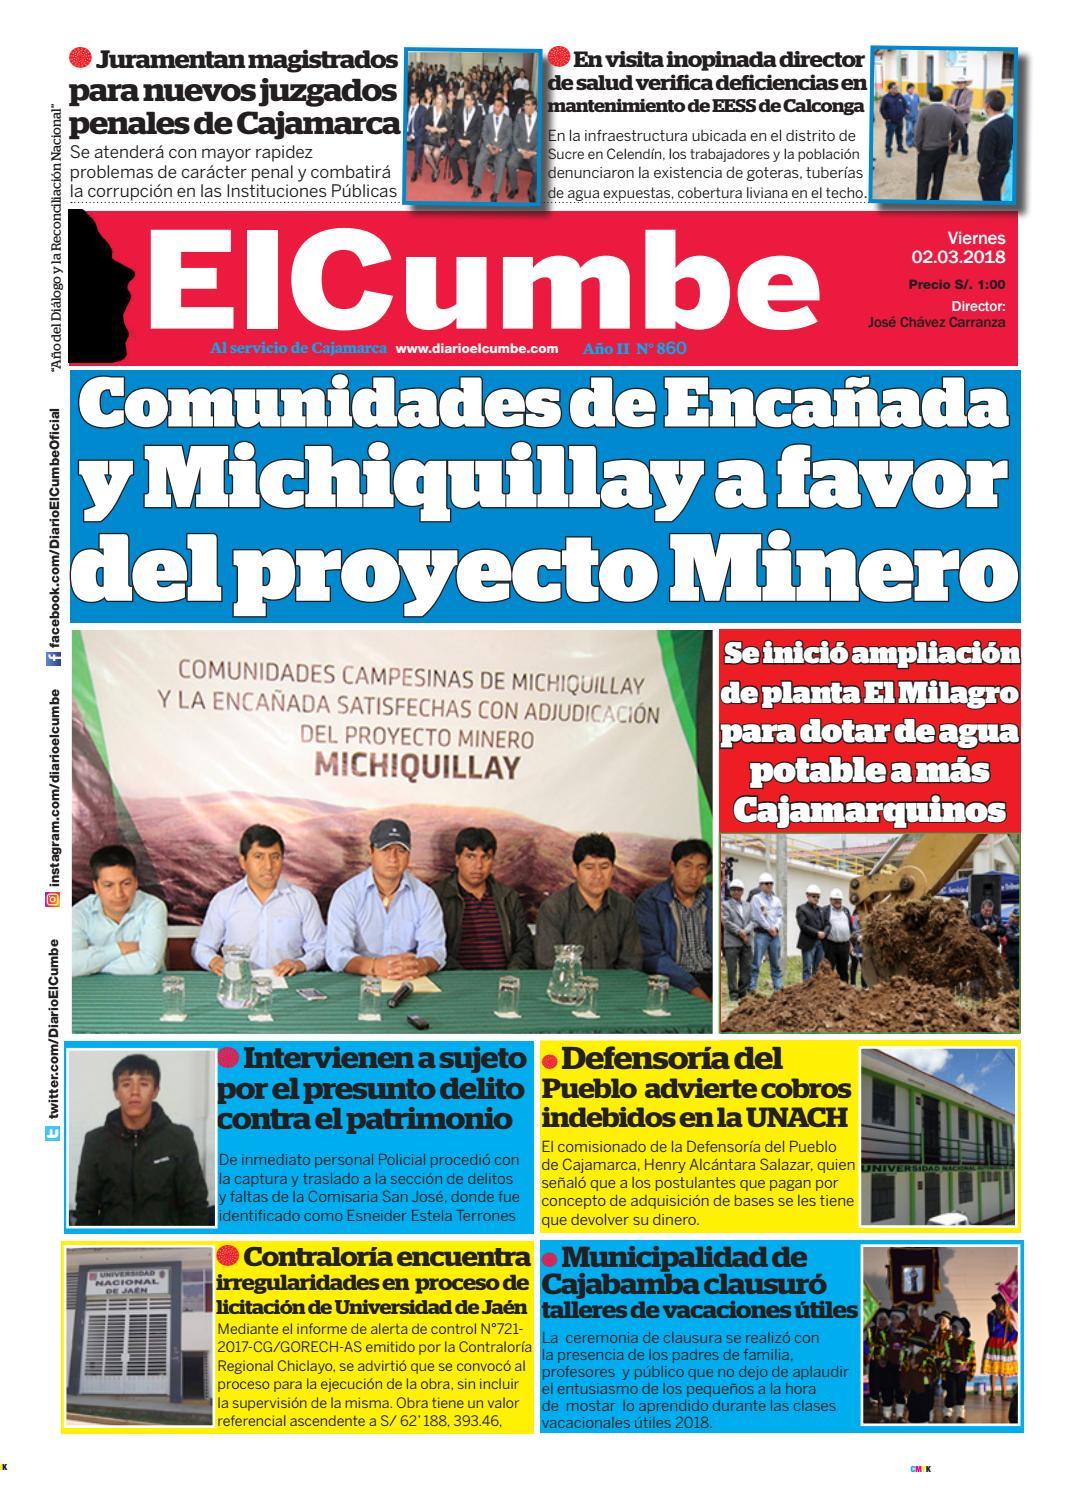 Diario el cumbe 02 03 2018 by Diario El Cumbe - issuu